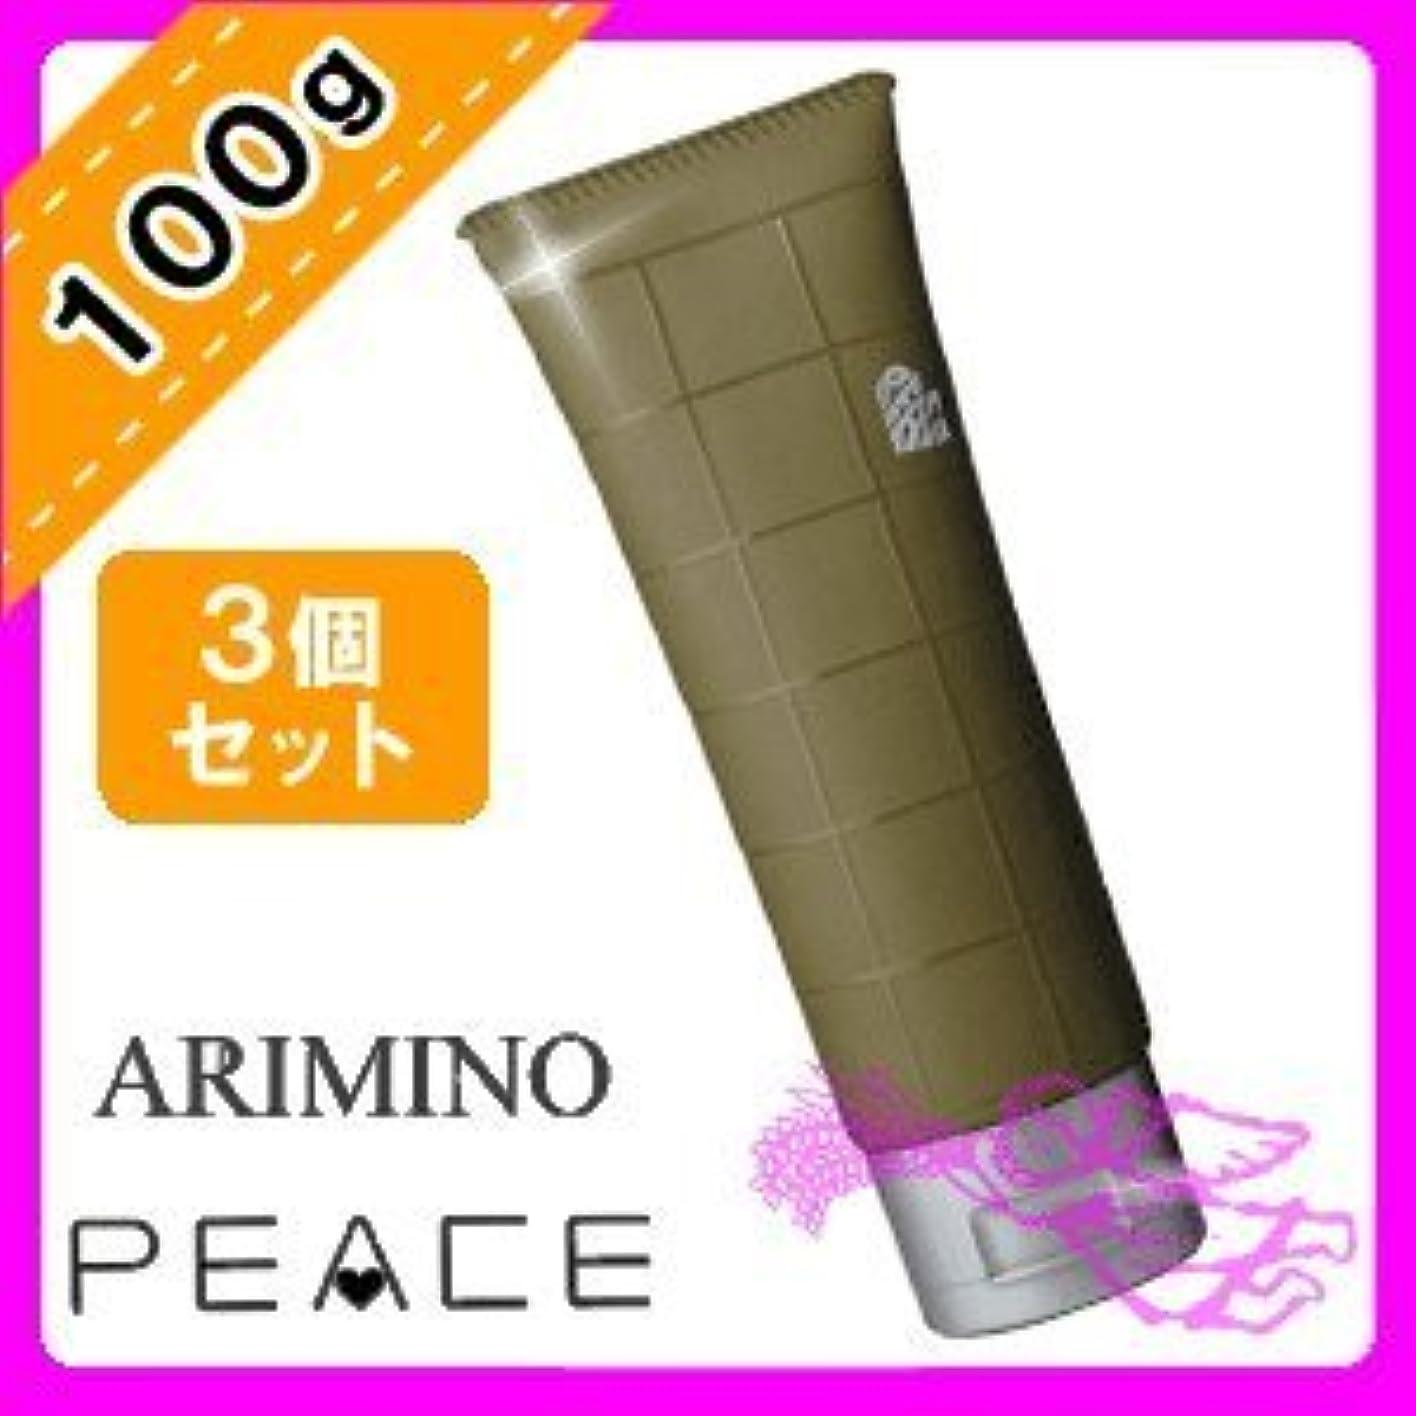 宙返り店主正確なアリミノ ピース ウェットオイル ワックス 100g ×3個セット arimino PEACE